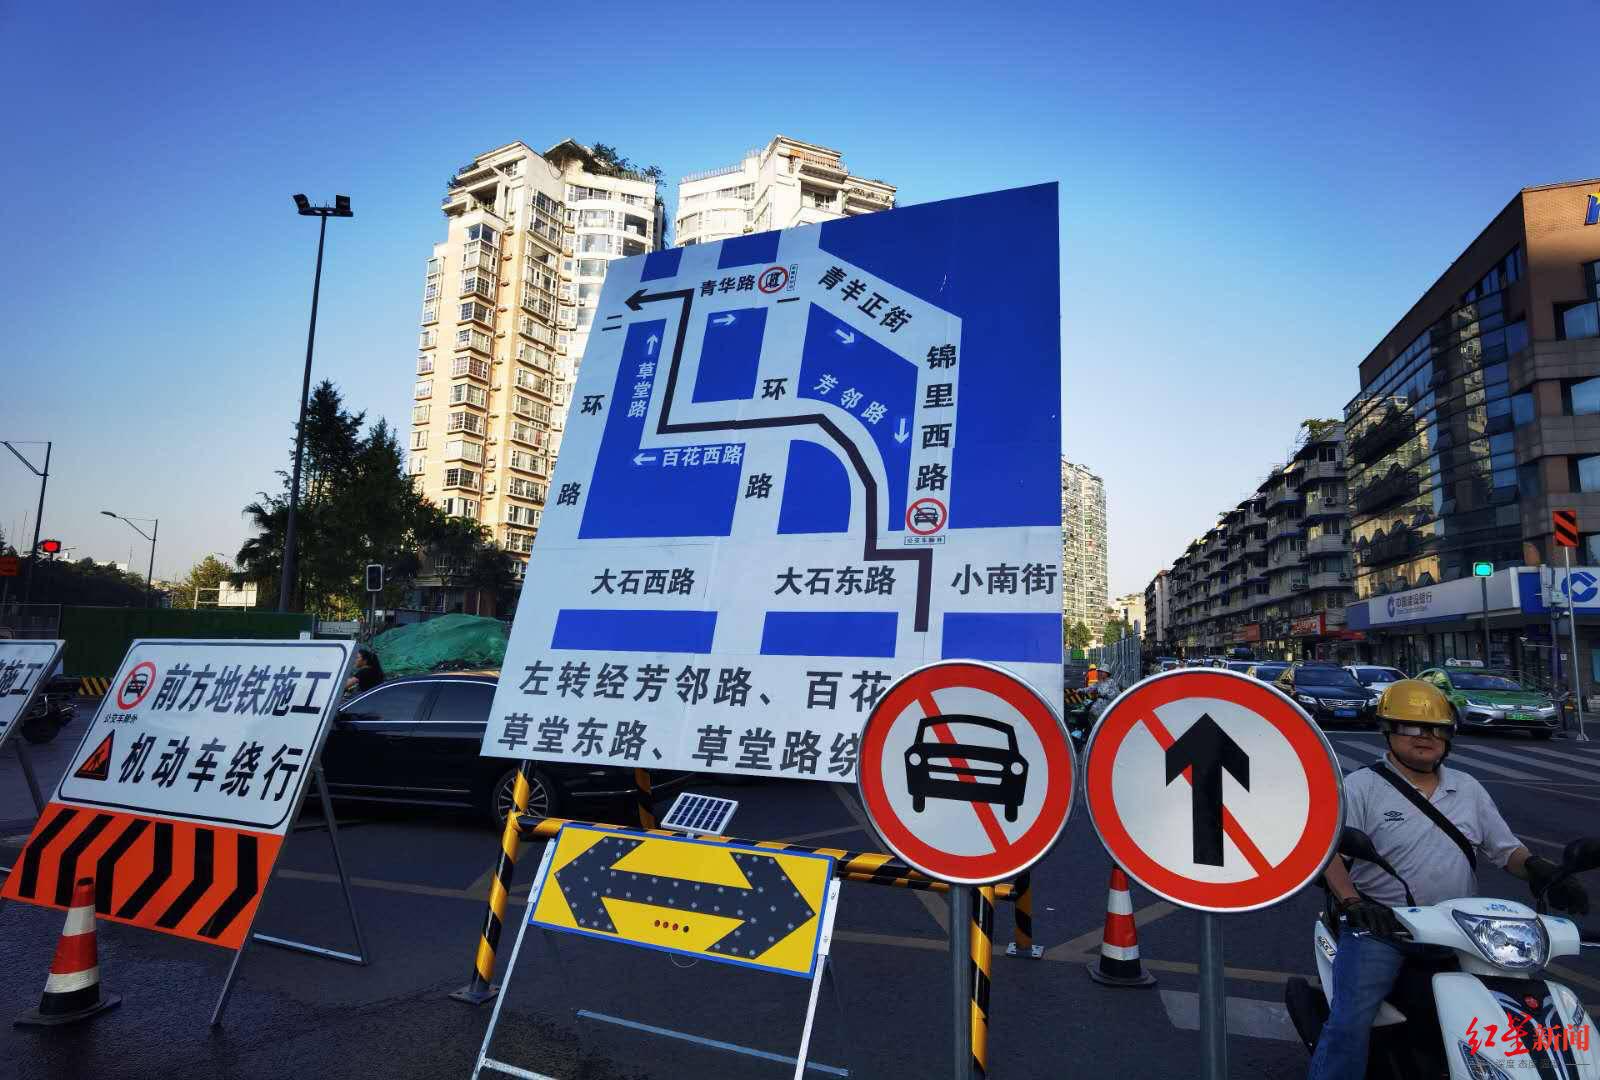 注意!成都青华路和其他单向交通将持续到2022年8月31日。